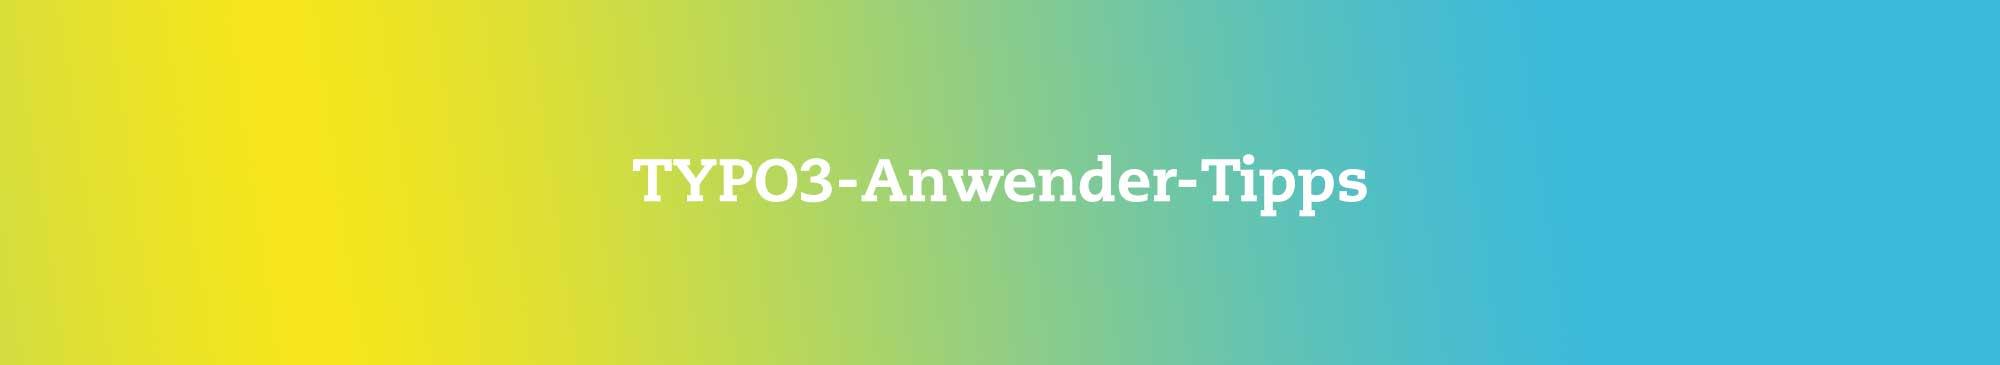 TYPO3-Anwender-Tipps von R&R|COM